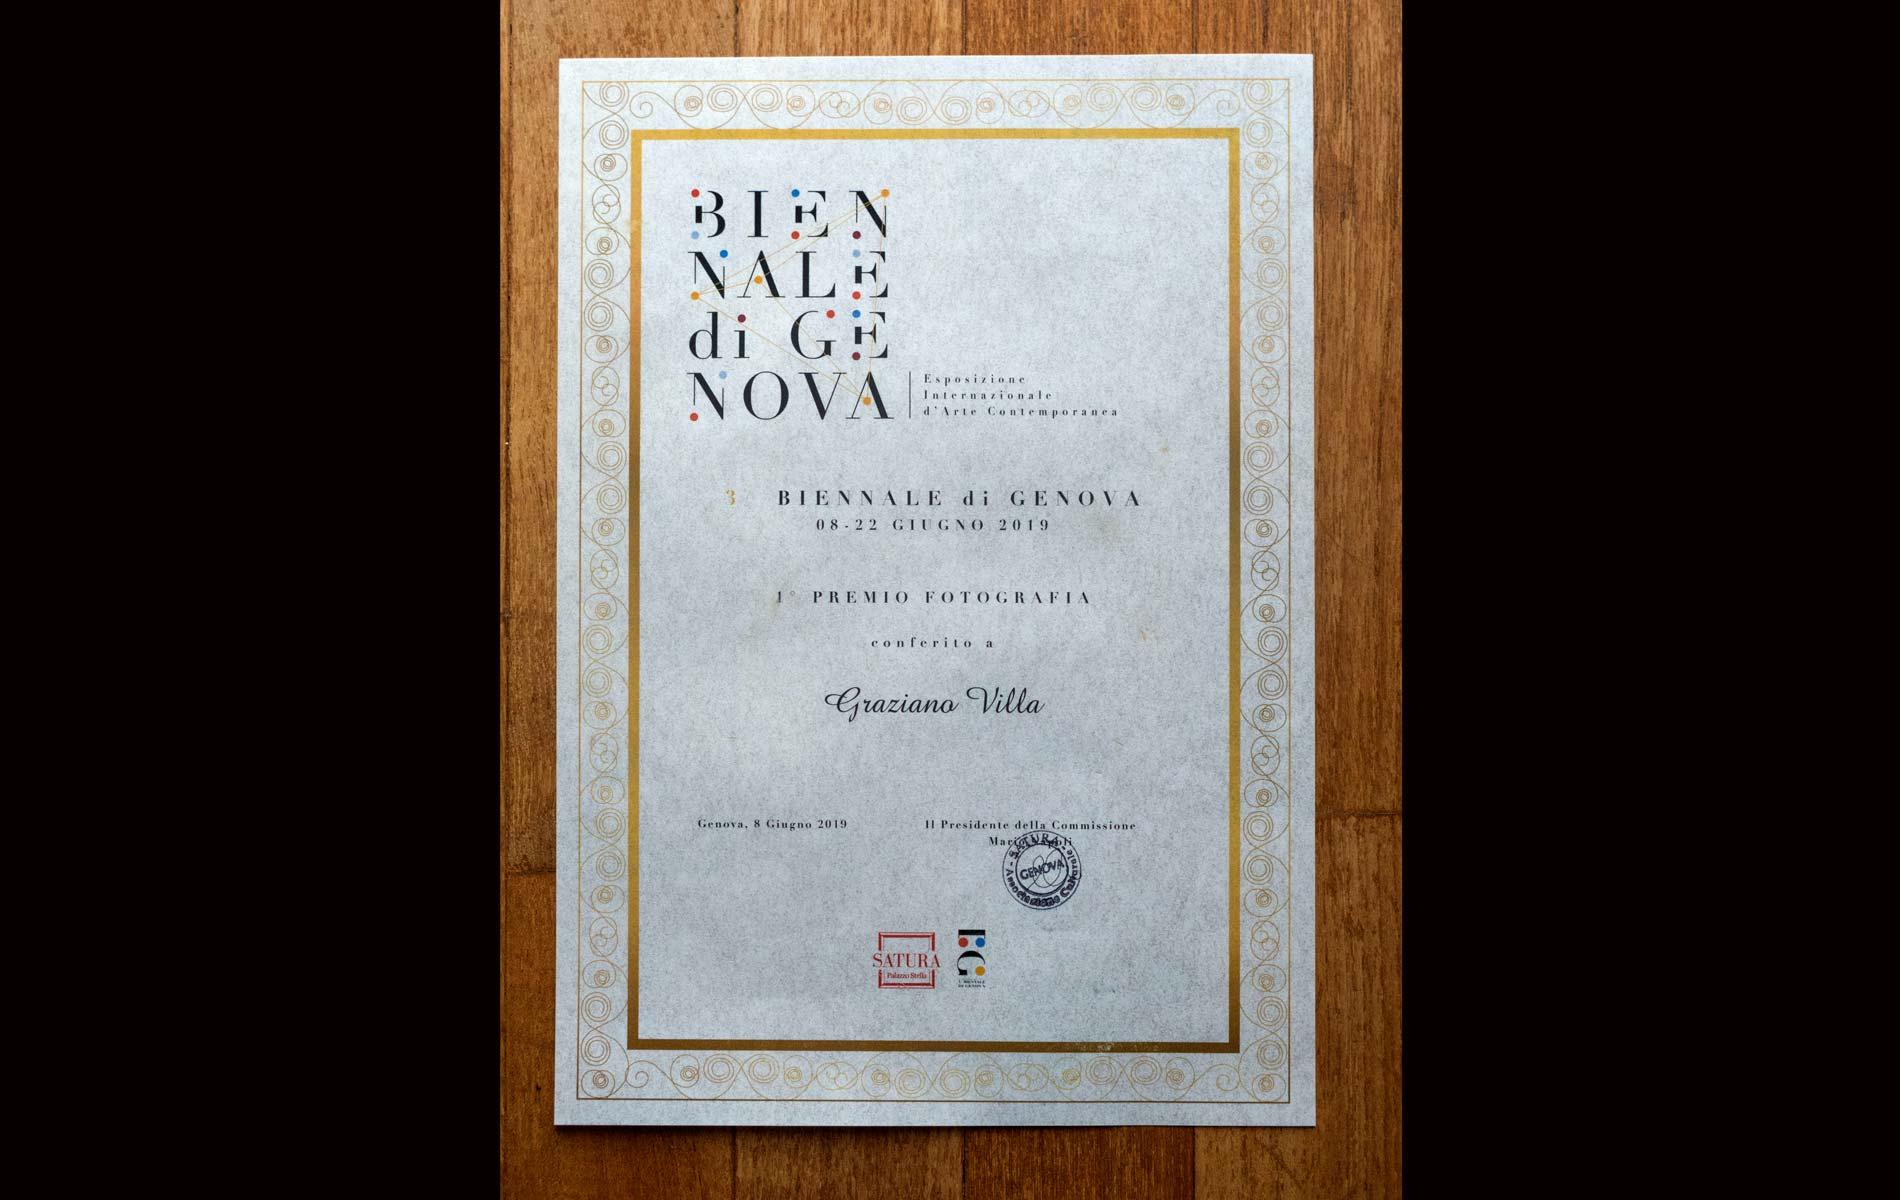 La Pergamena del Premio - The Award Parchment